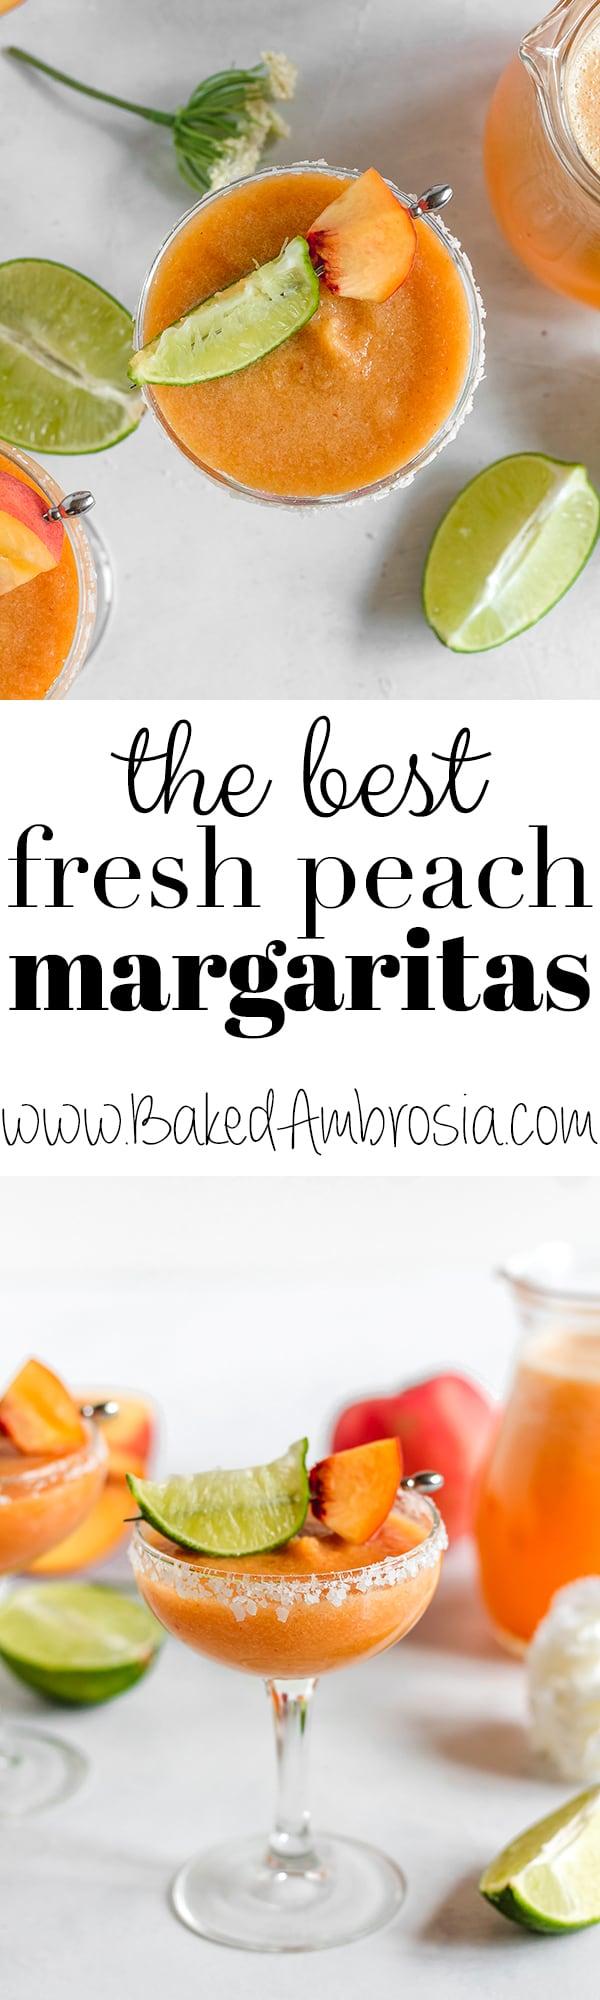 The BEST Fresh Peach Margaritas